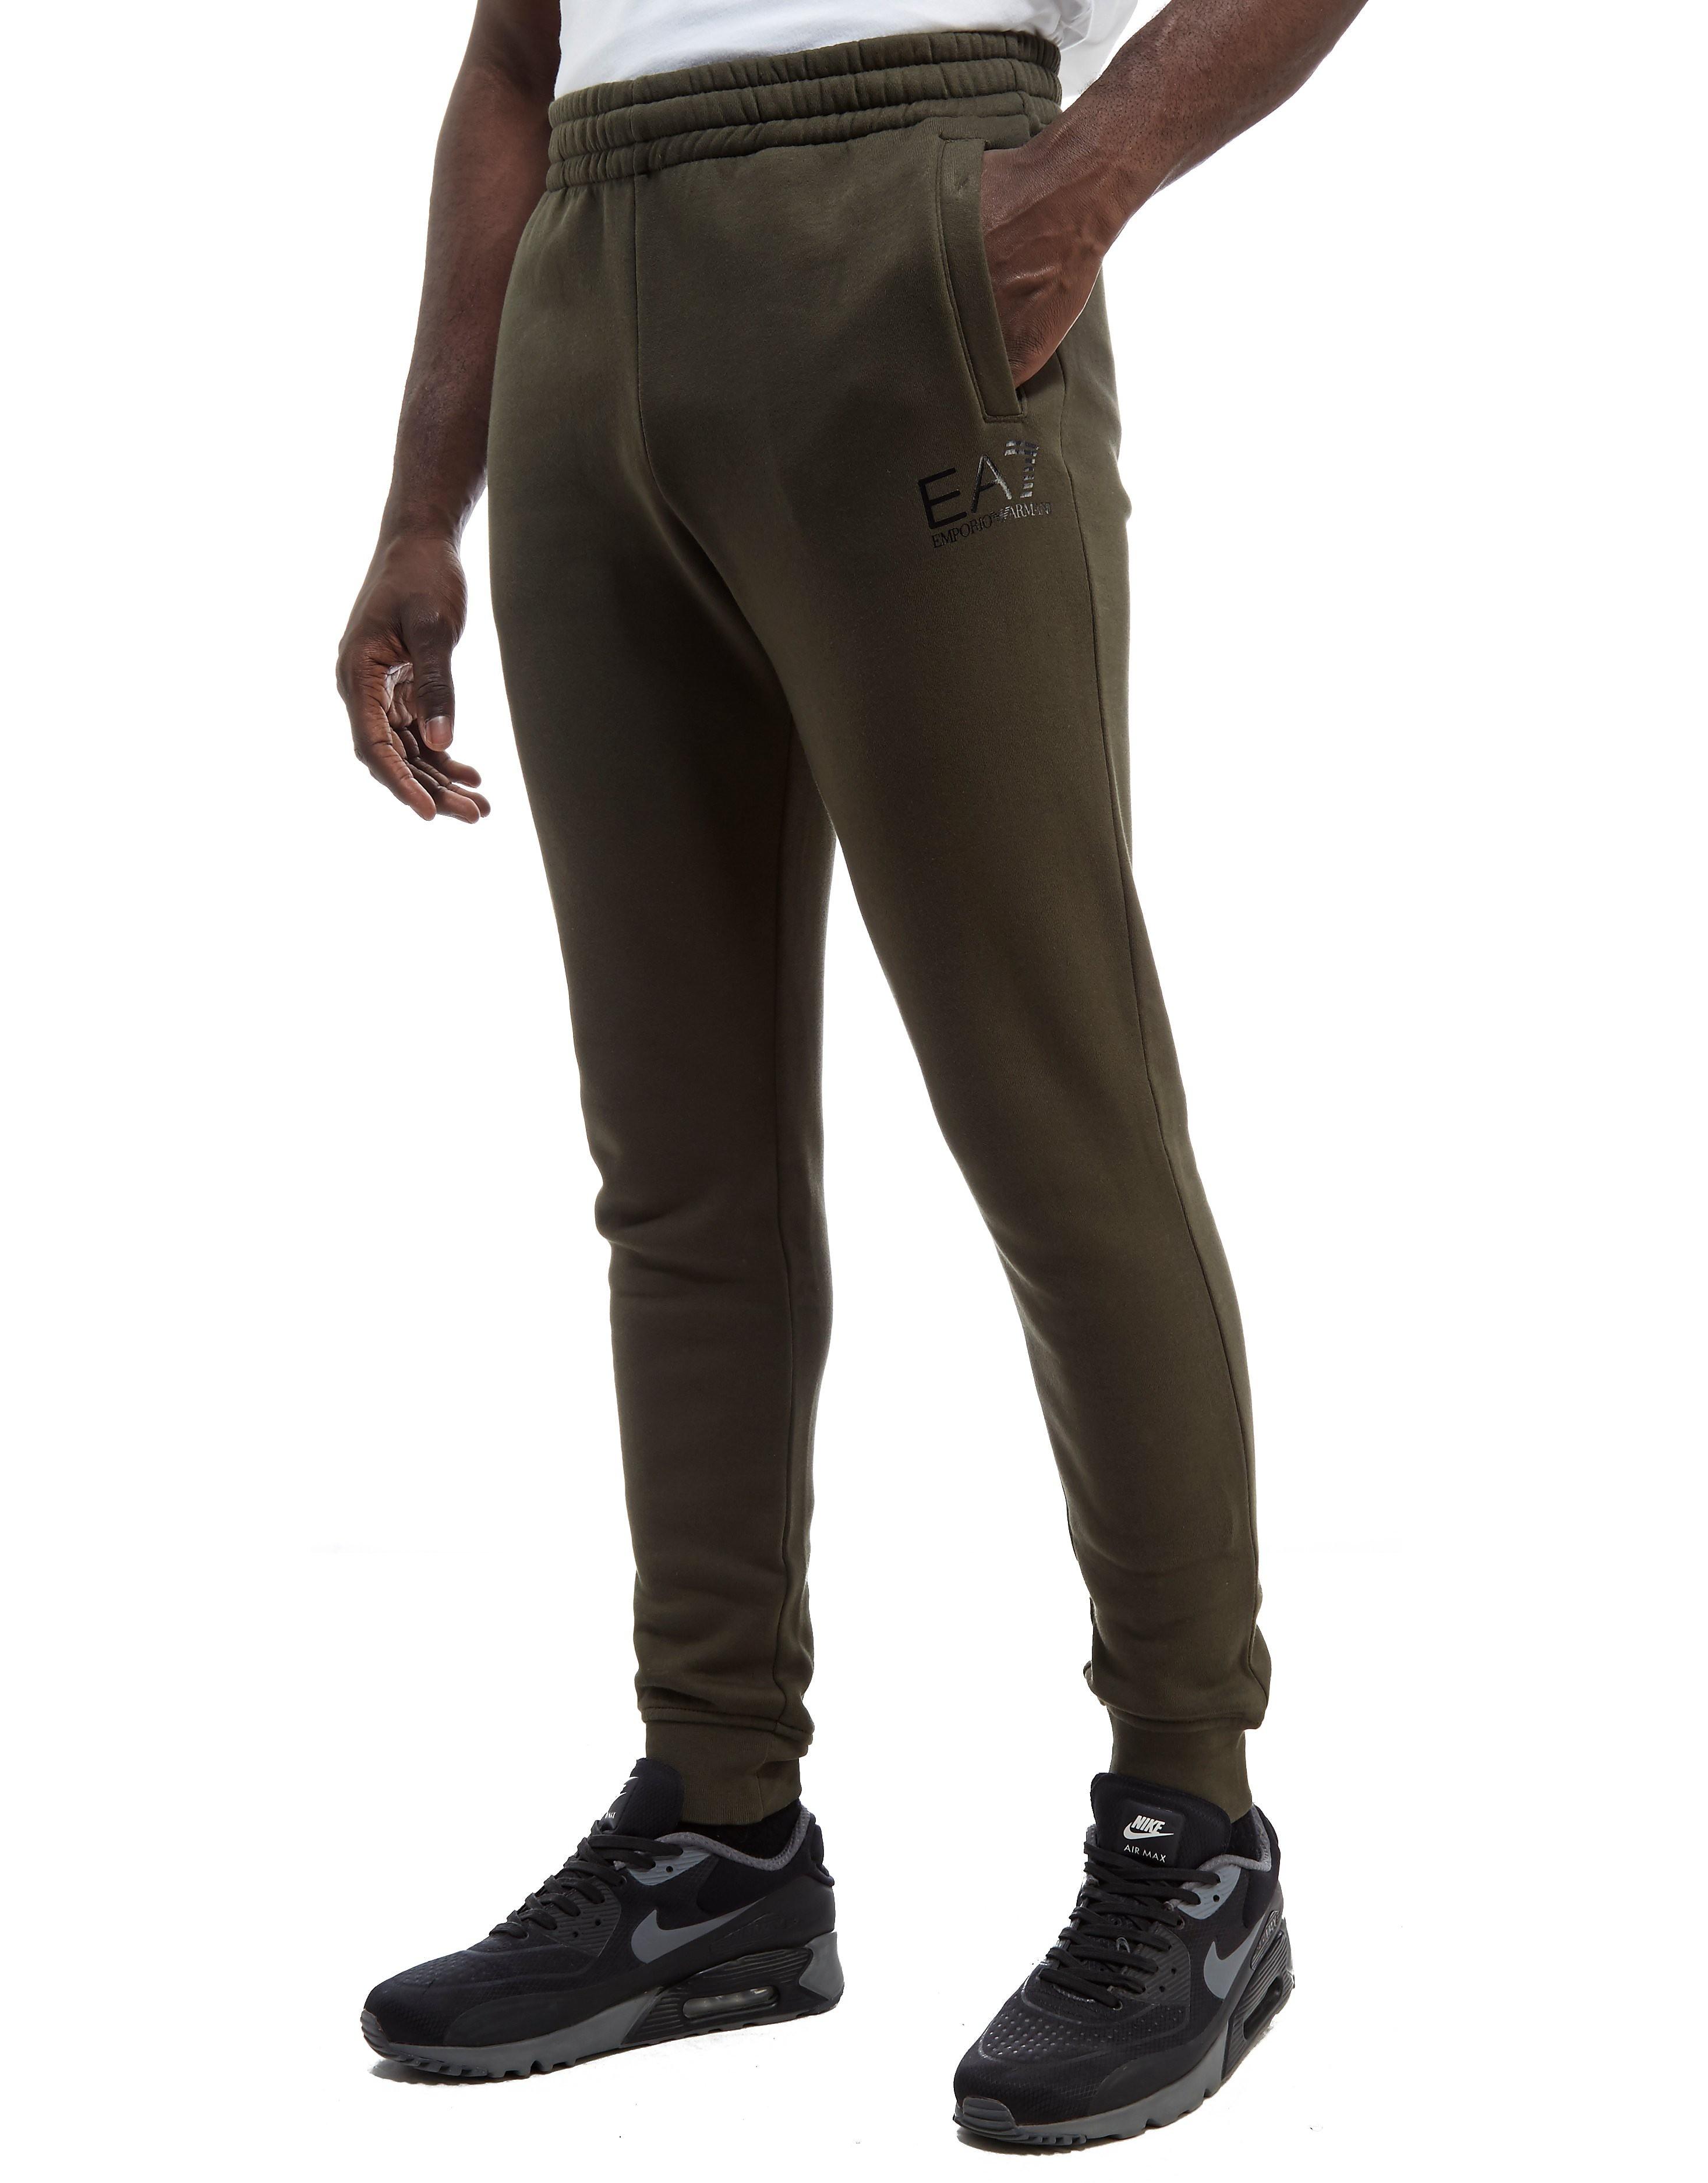 Emporio Armani EA7 pantalón Core Fleece